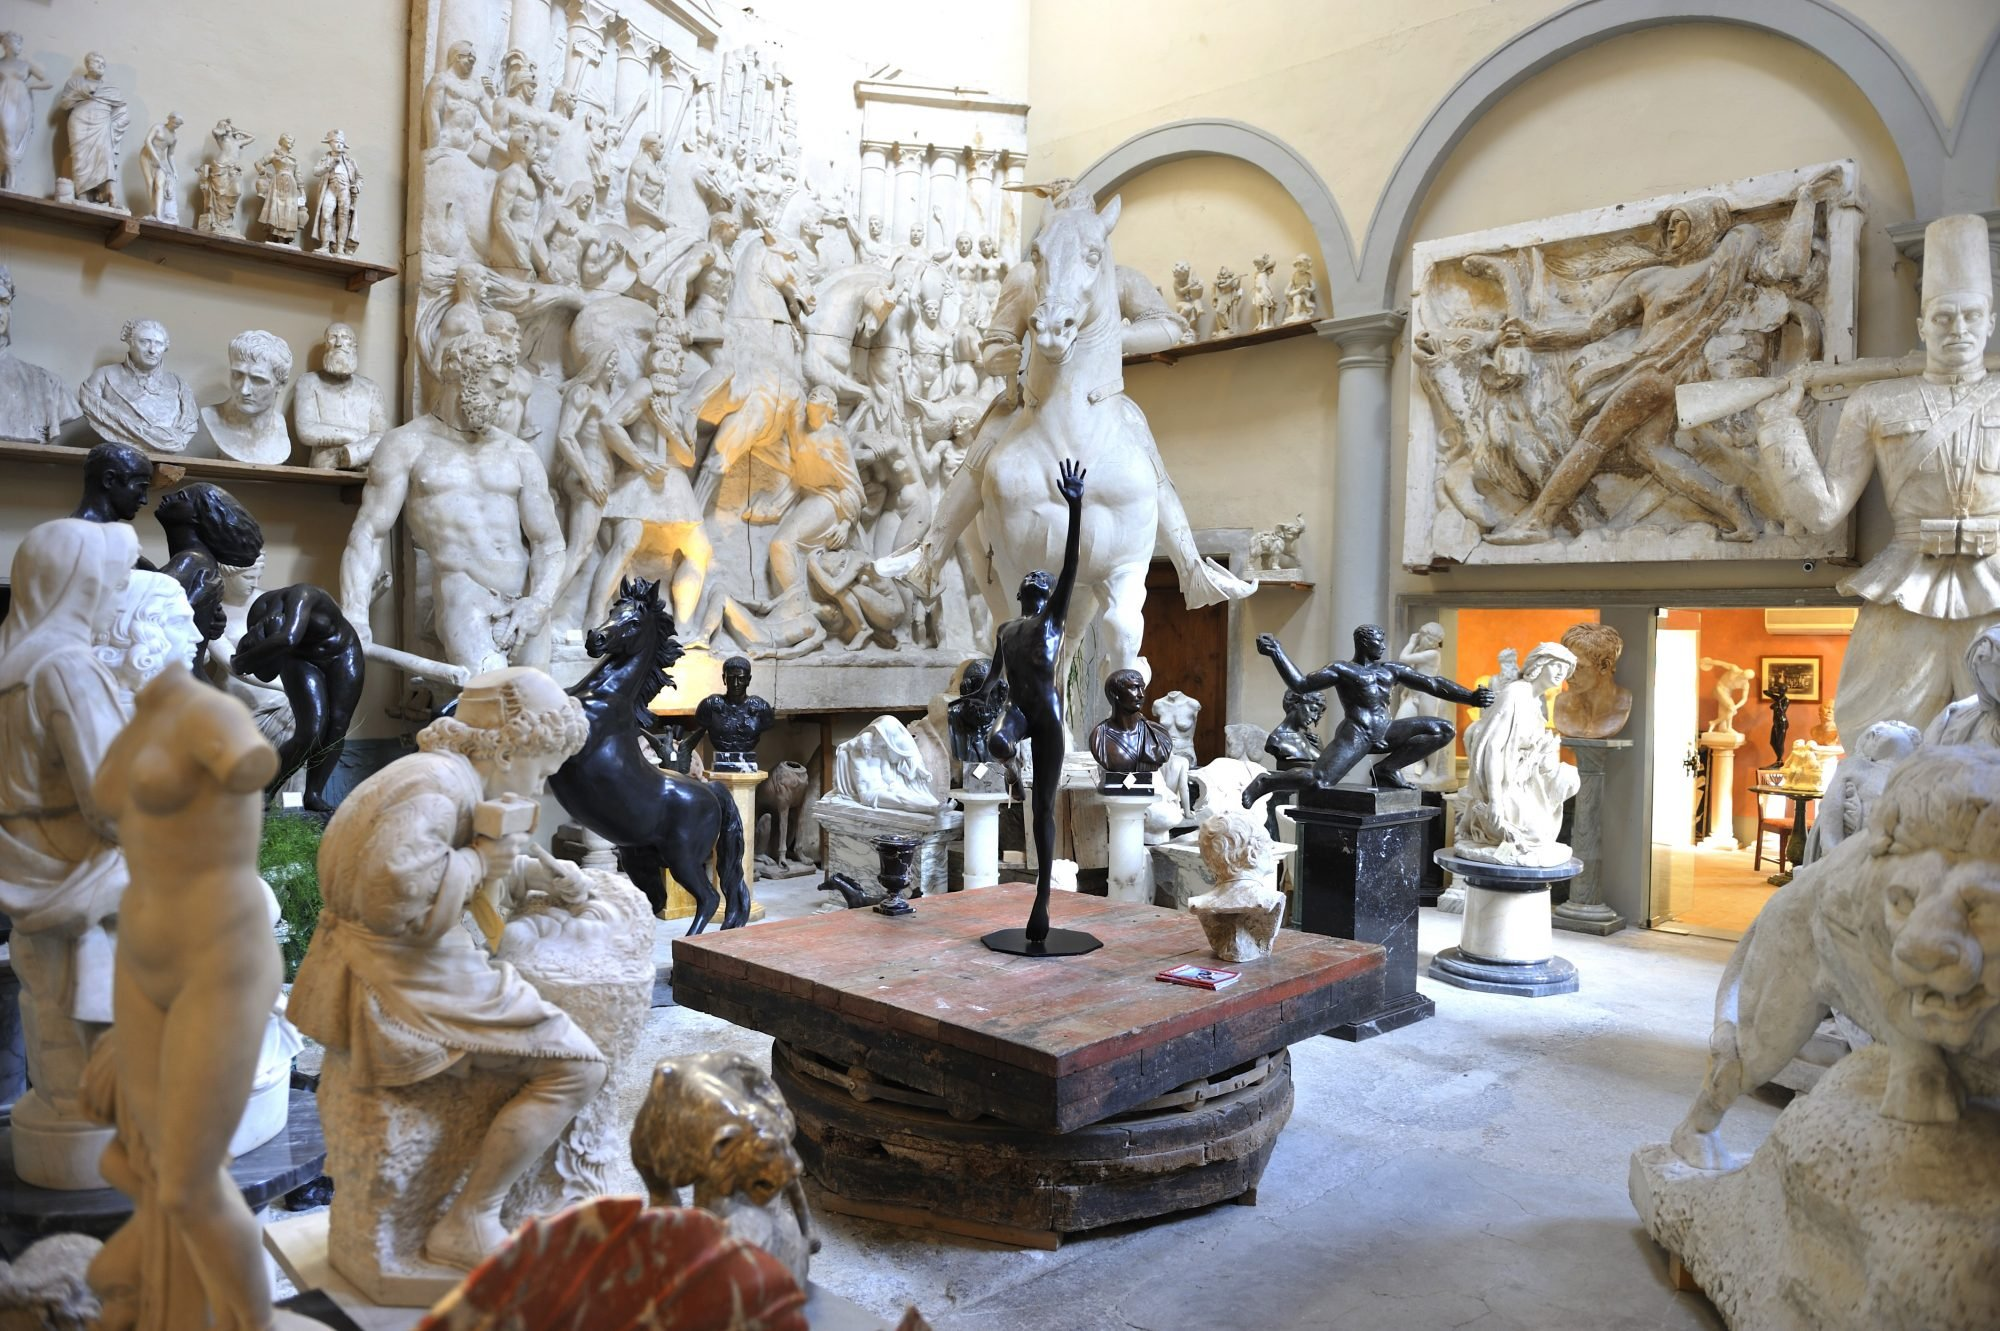 La Galleria Romanelli di Firenze ha una lunga tradizione che porta avanti l'arte della scultura da ben sei generazioni, da una piccola bottega a NYC.